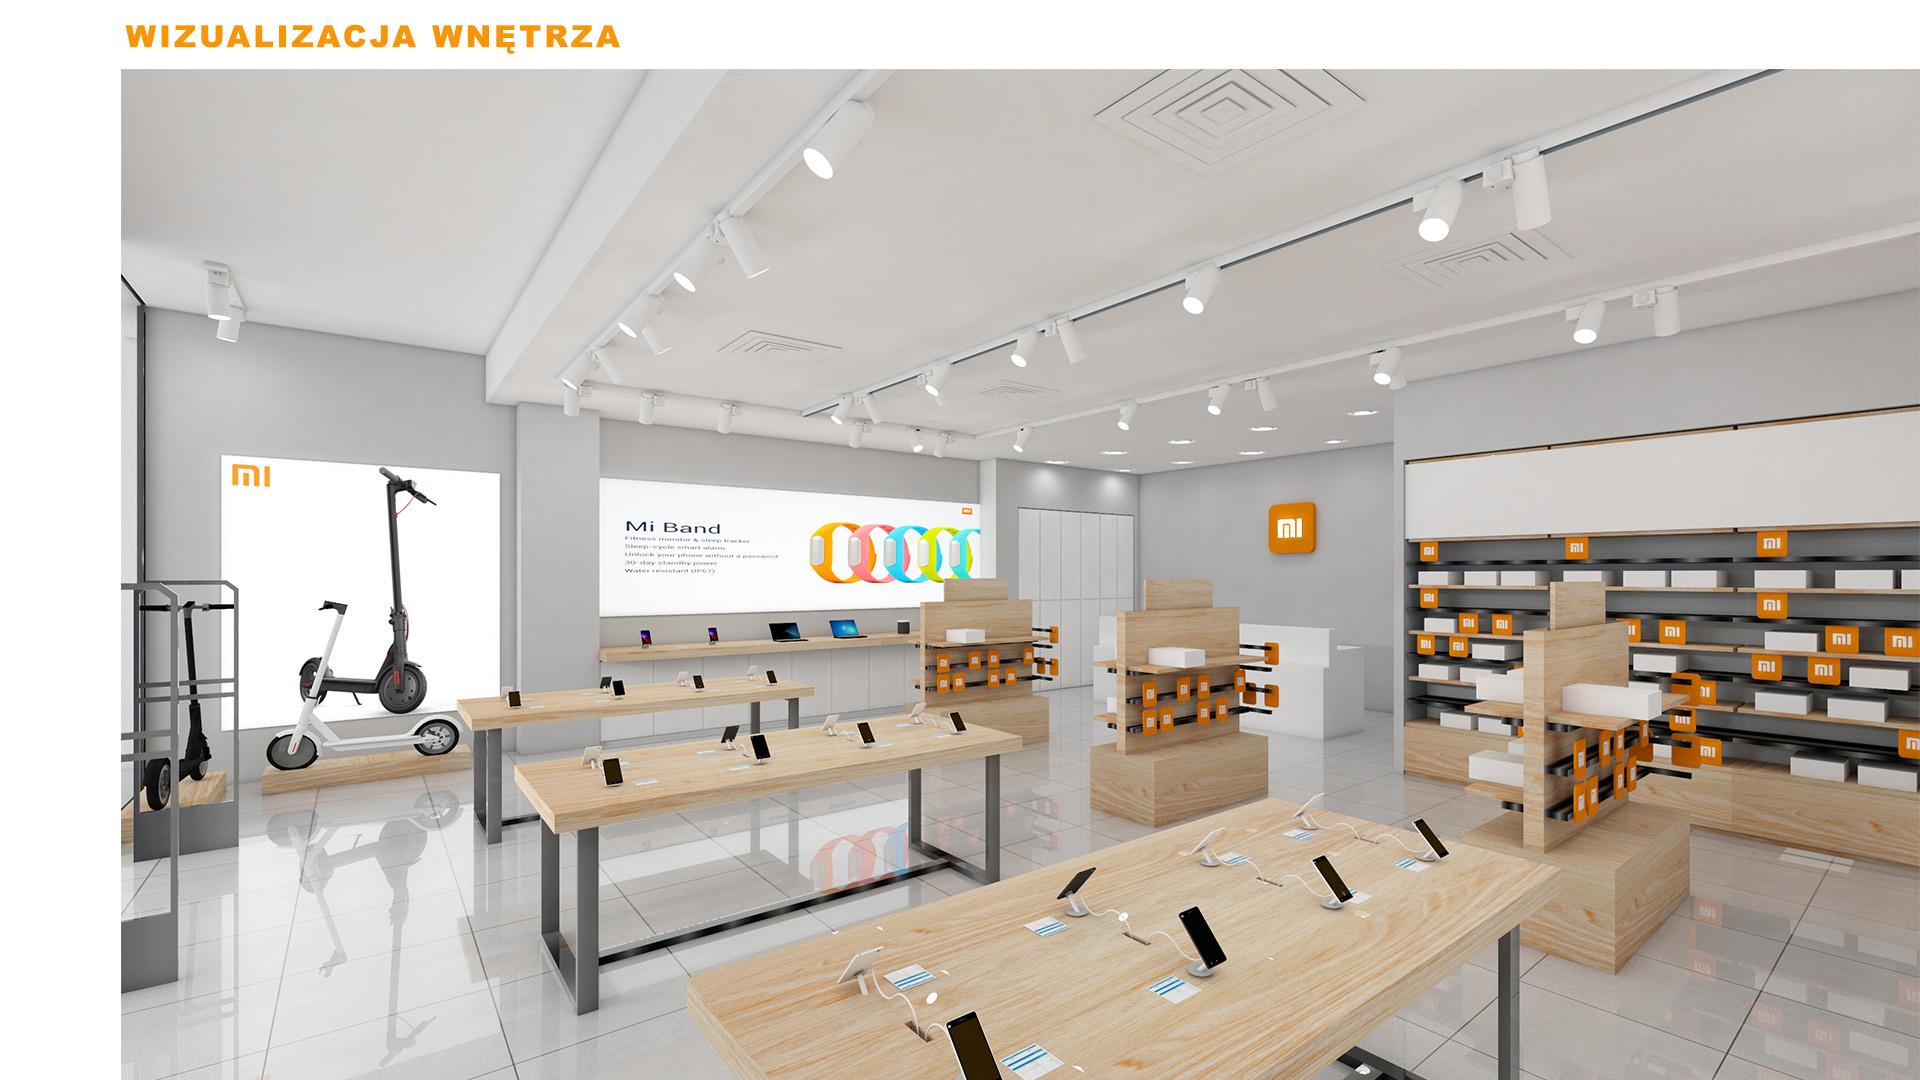 Mi-Store - Kraków - Galeria Krakowska - wizualizacja wnętrza